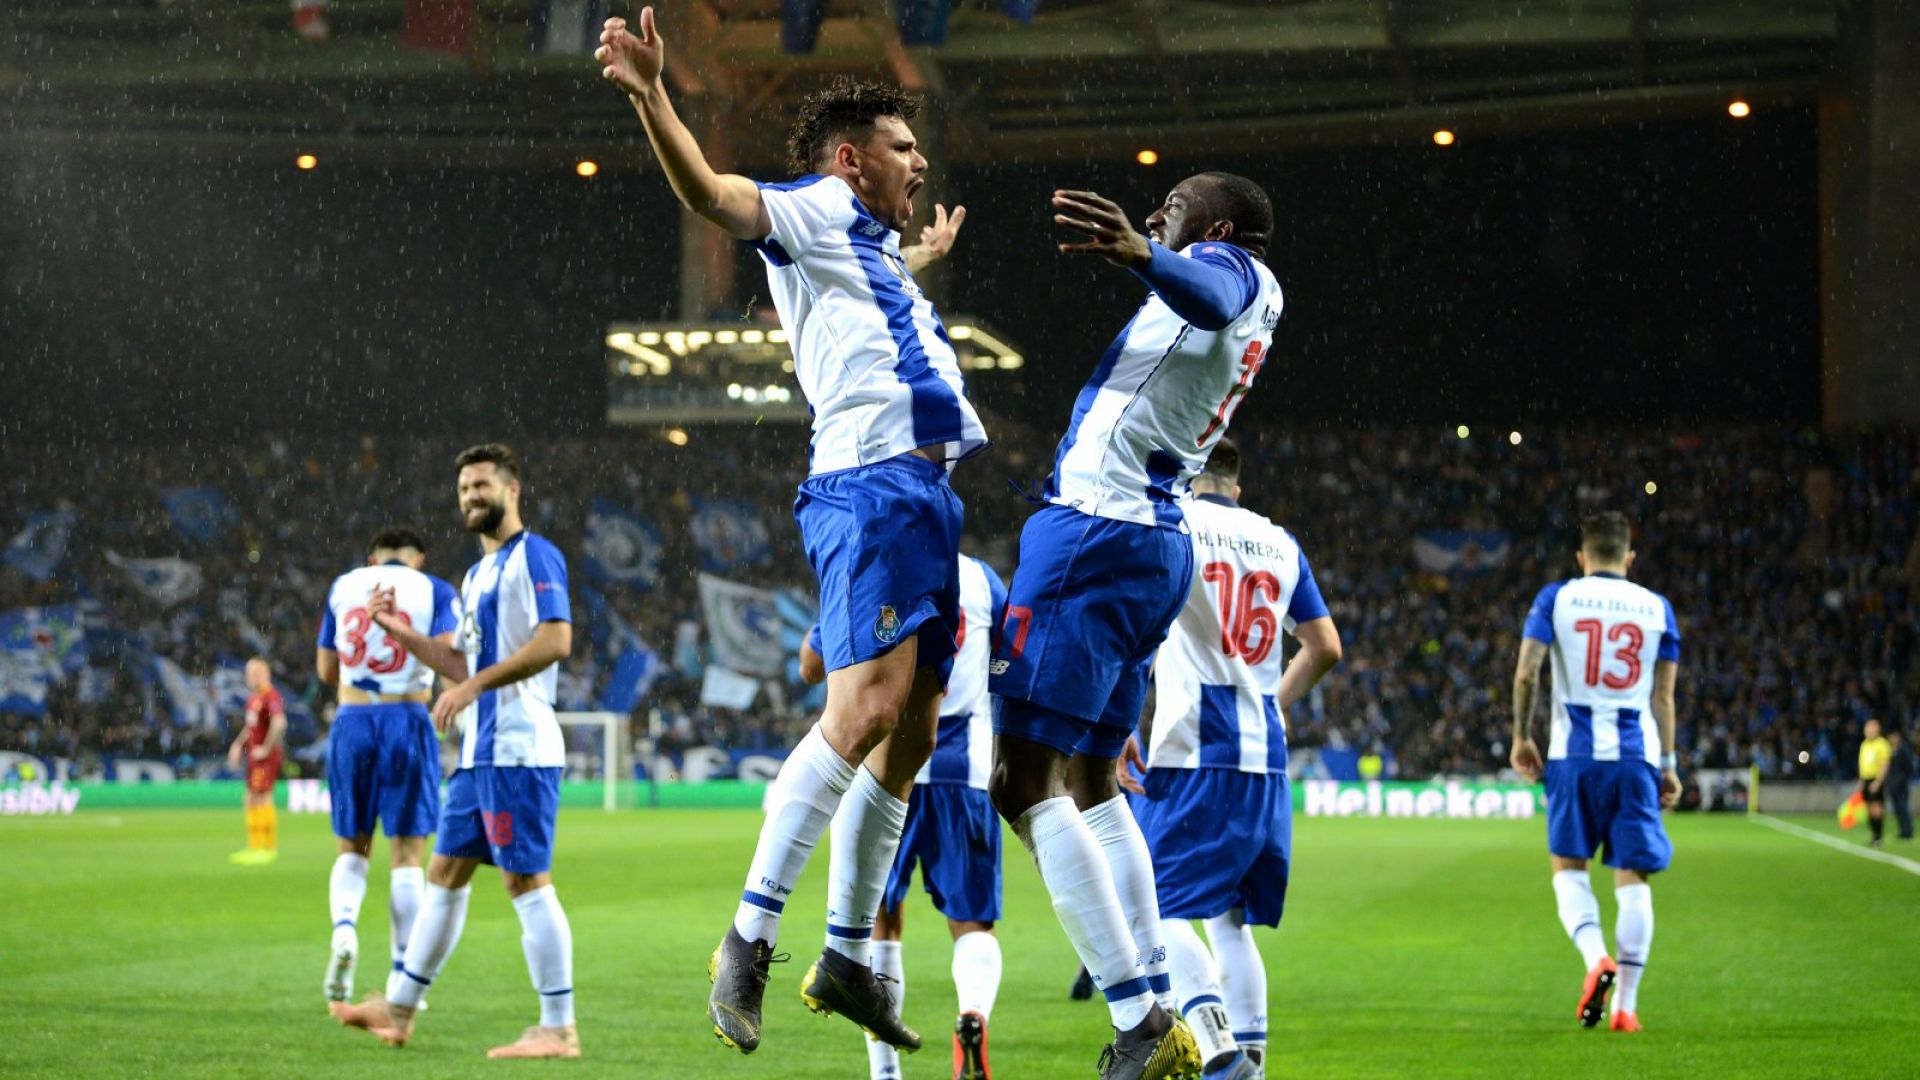 Тежката присъда на ВАР прати Порто на четвъртфинал